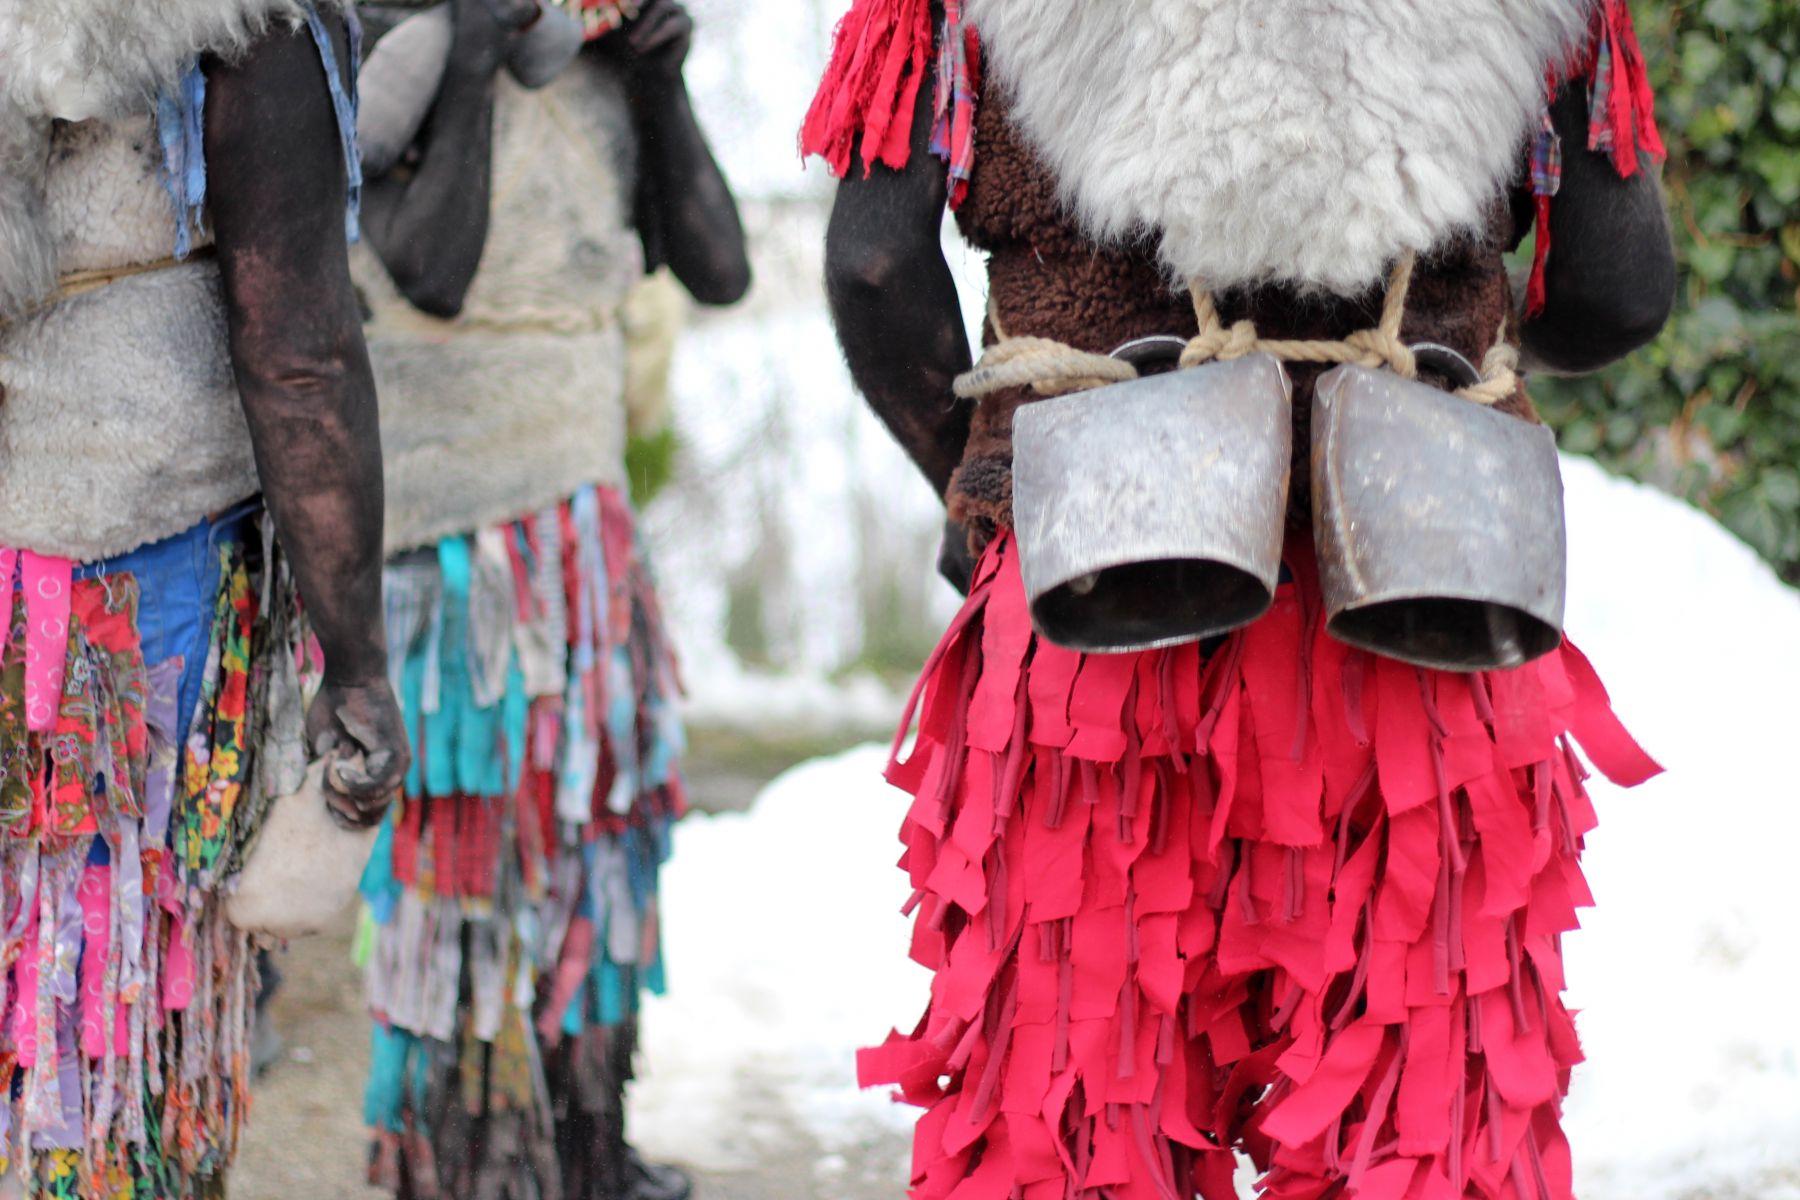 Winter Soca valley - Slocally